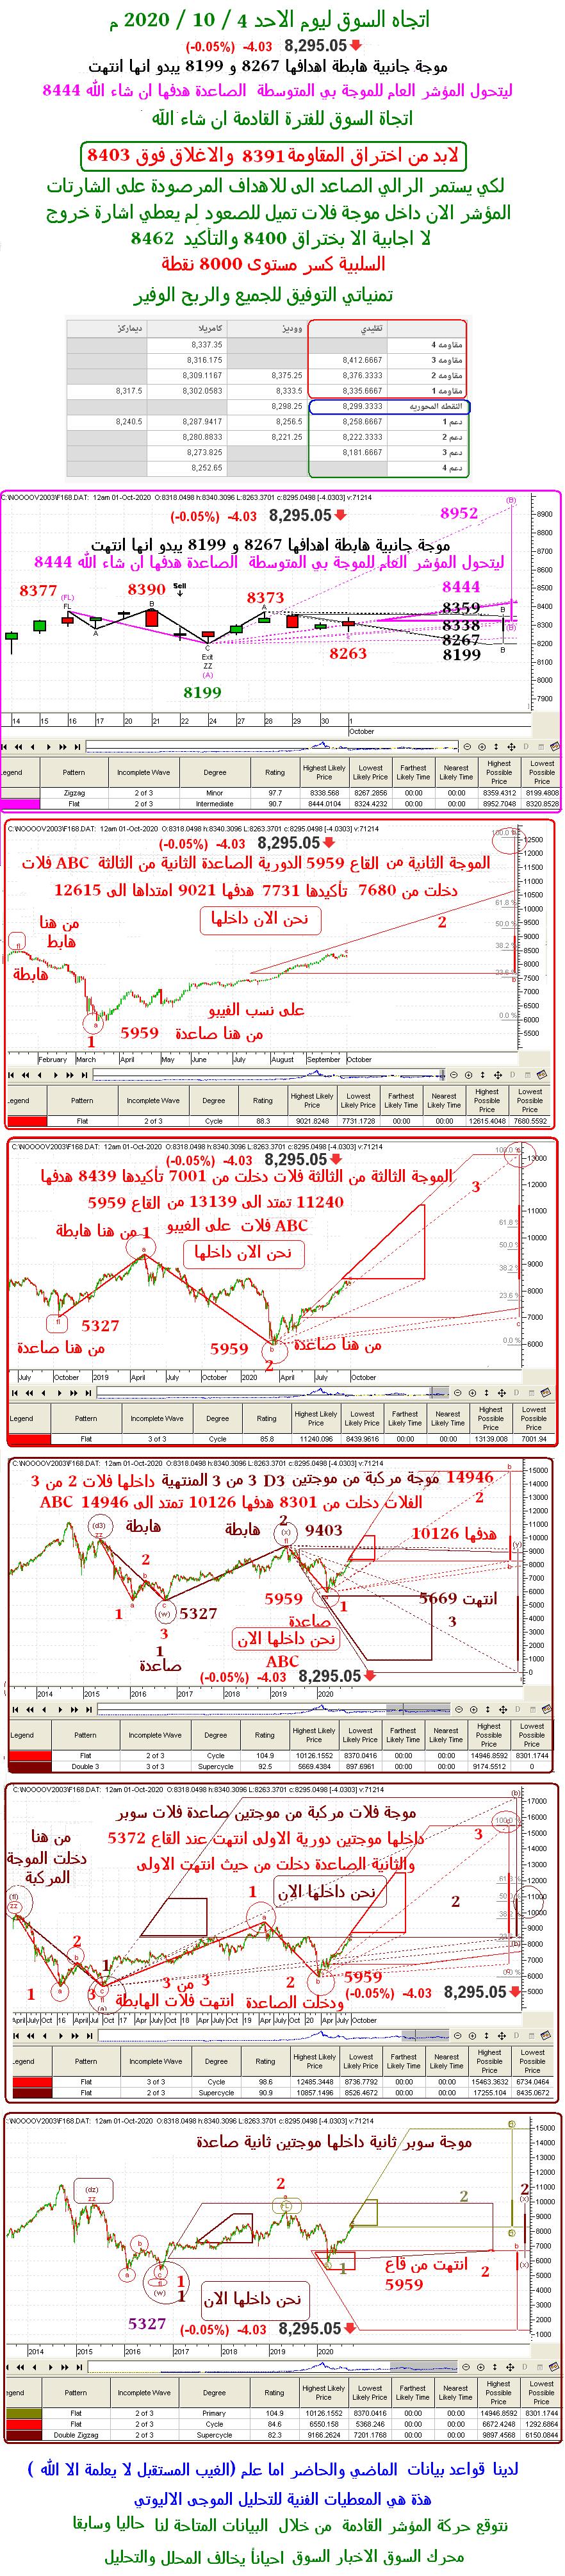 رد: اتجاه السوق ليوم الأثنين 5 / 10 / 2020 م